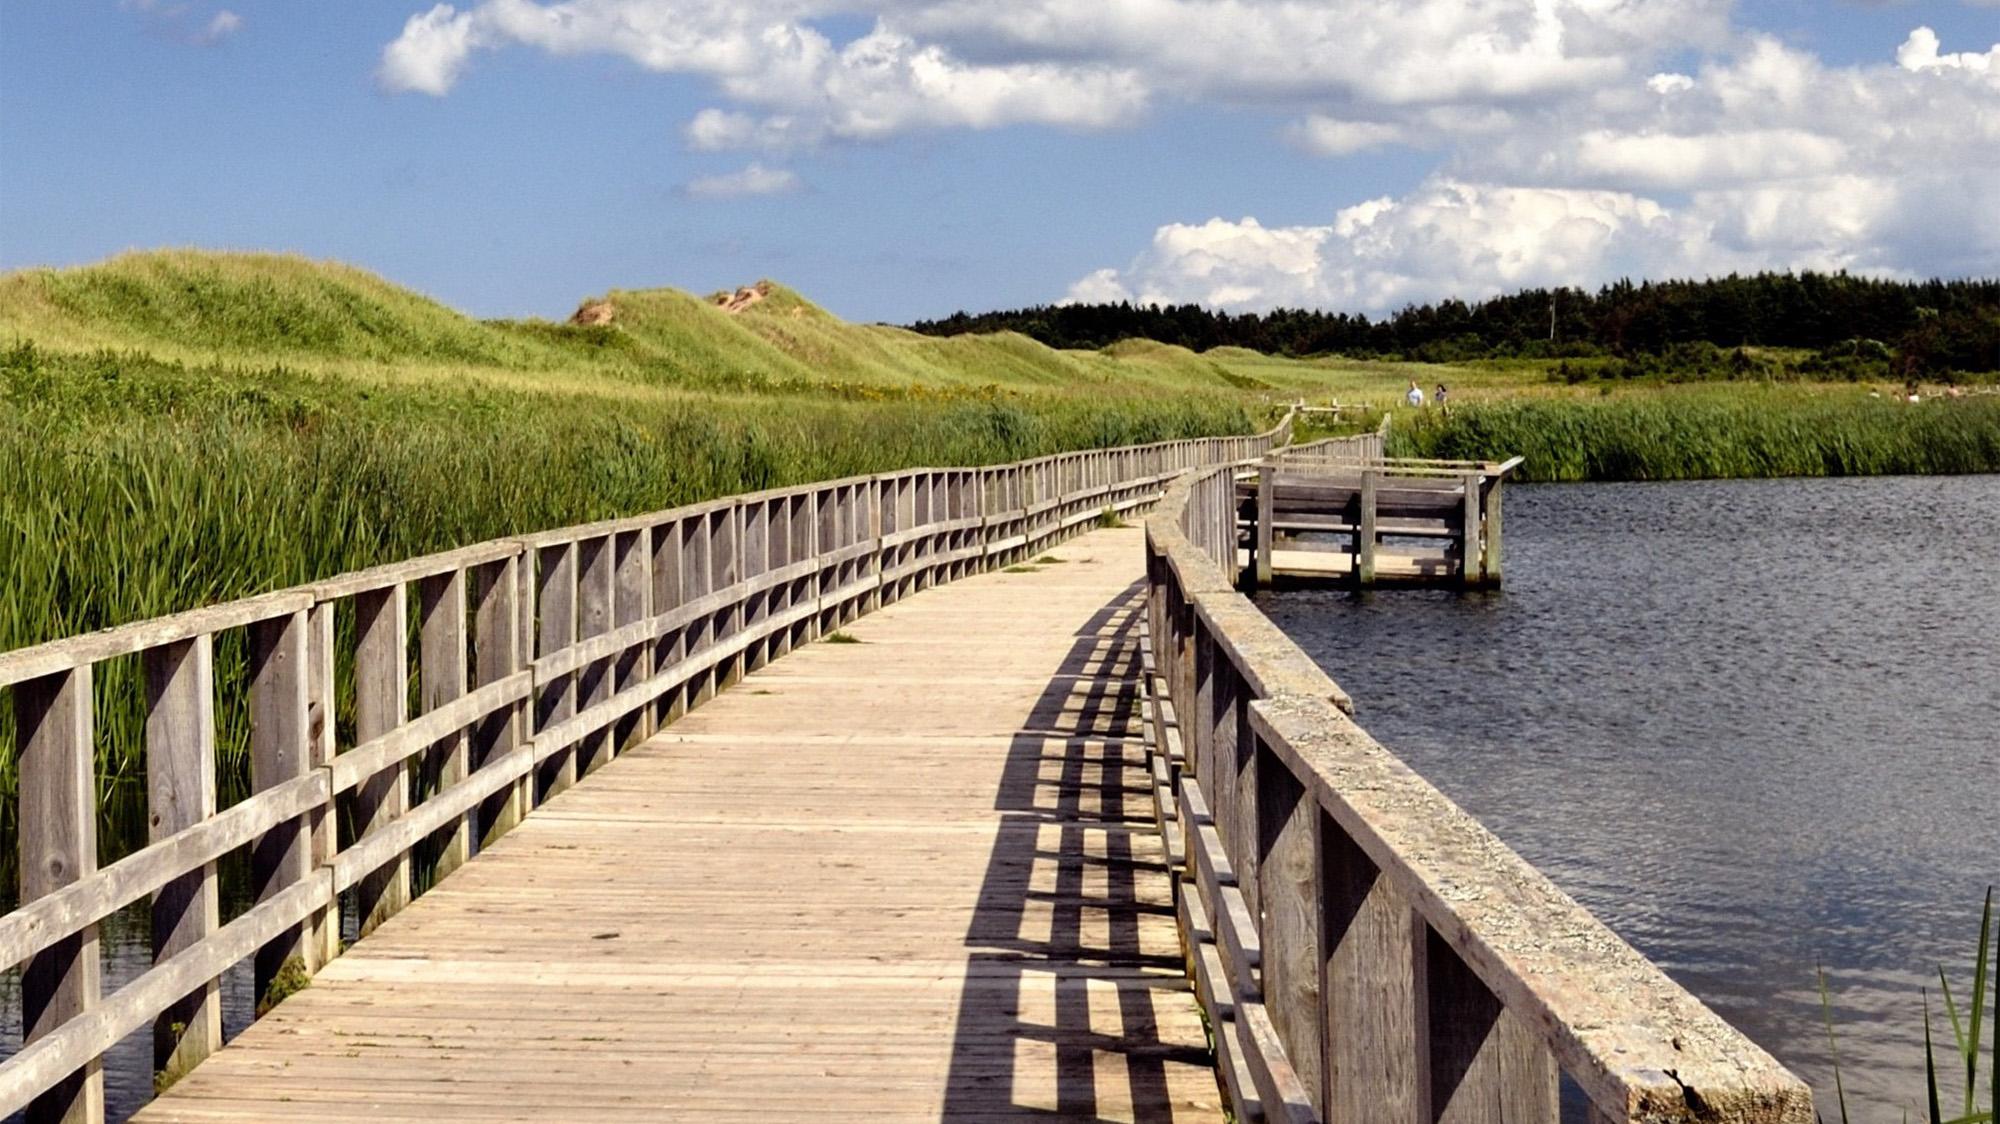 boardwalk stretching over the water alongside grassy fields